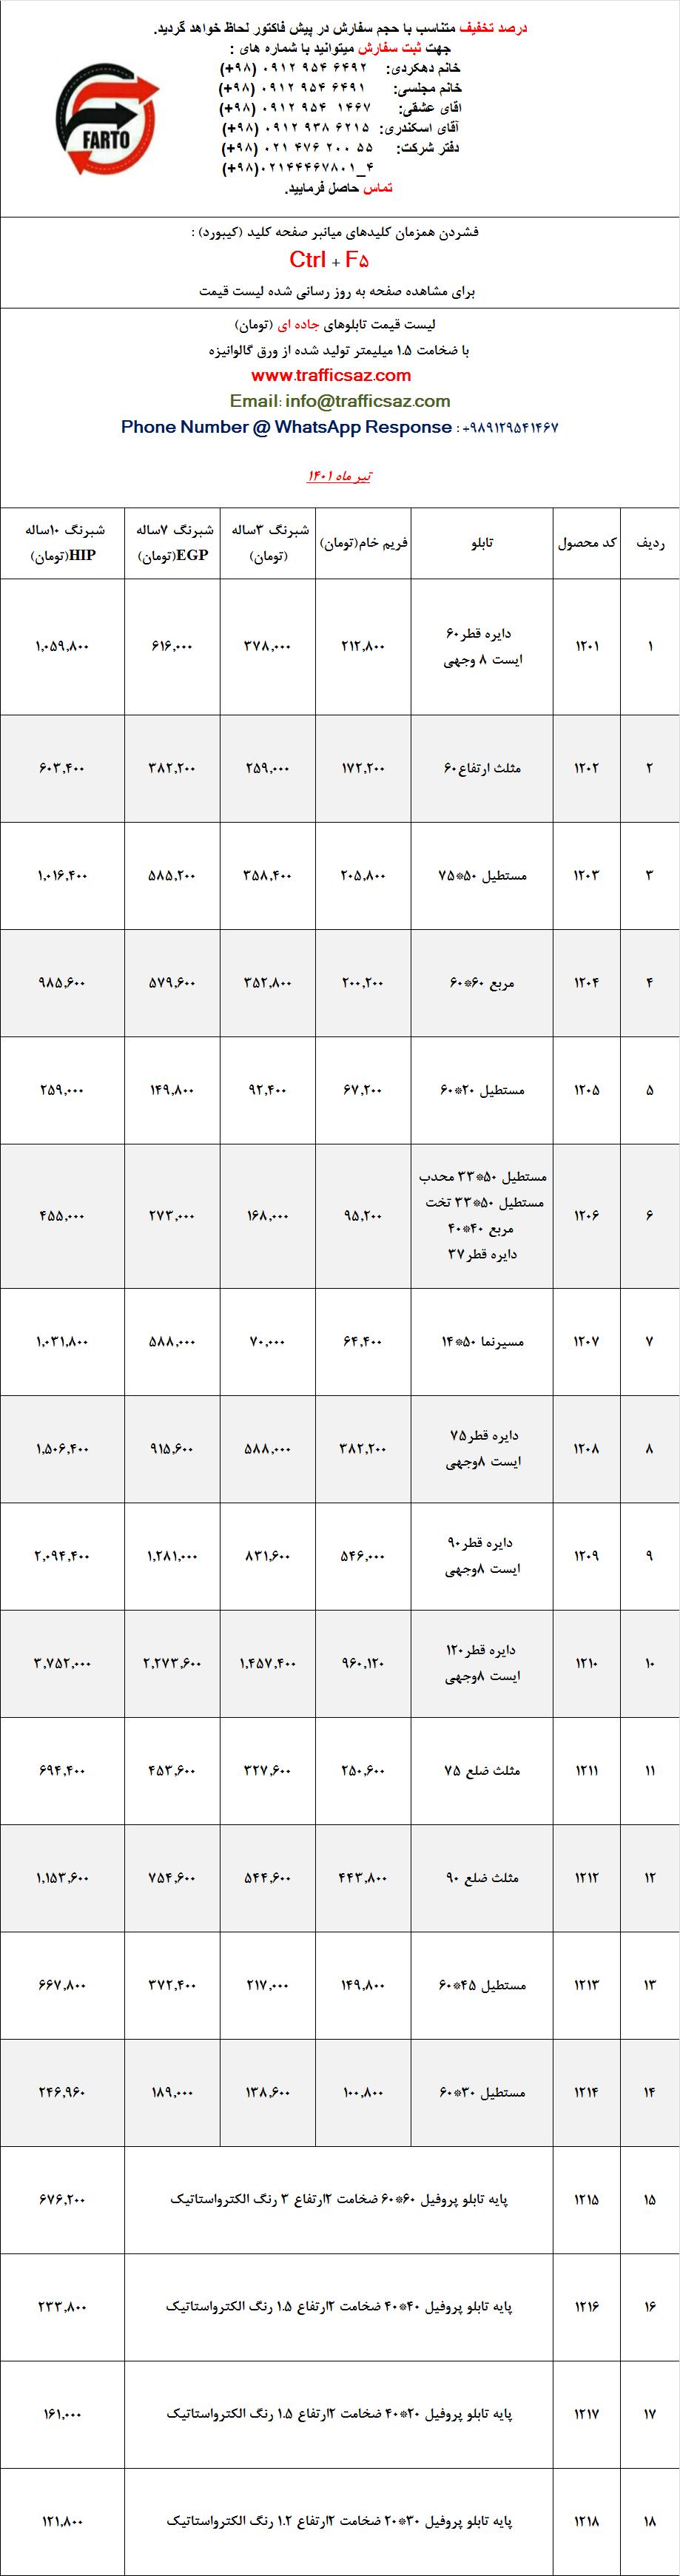 لیست قیمت خرید علائم راهنمایی و رانندگی جاده ای